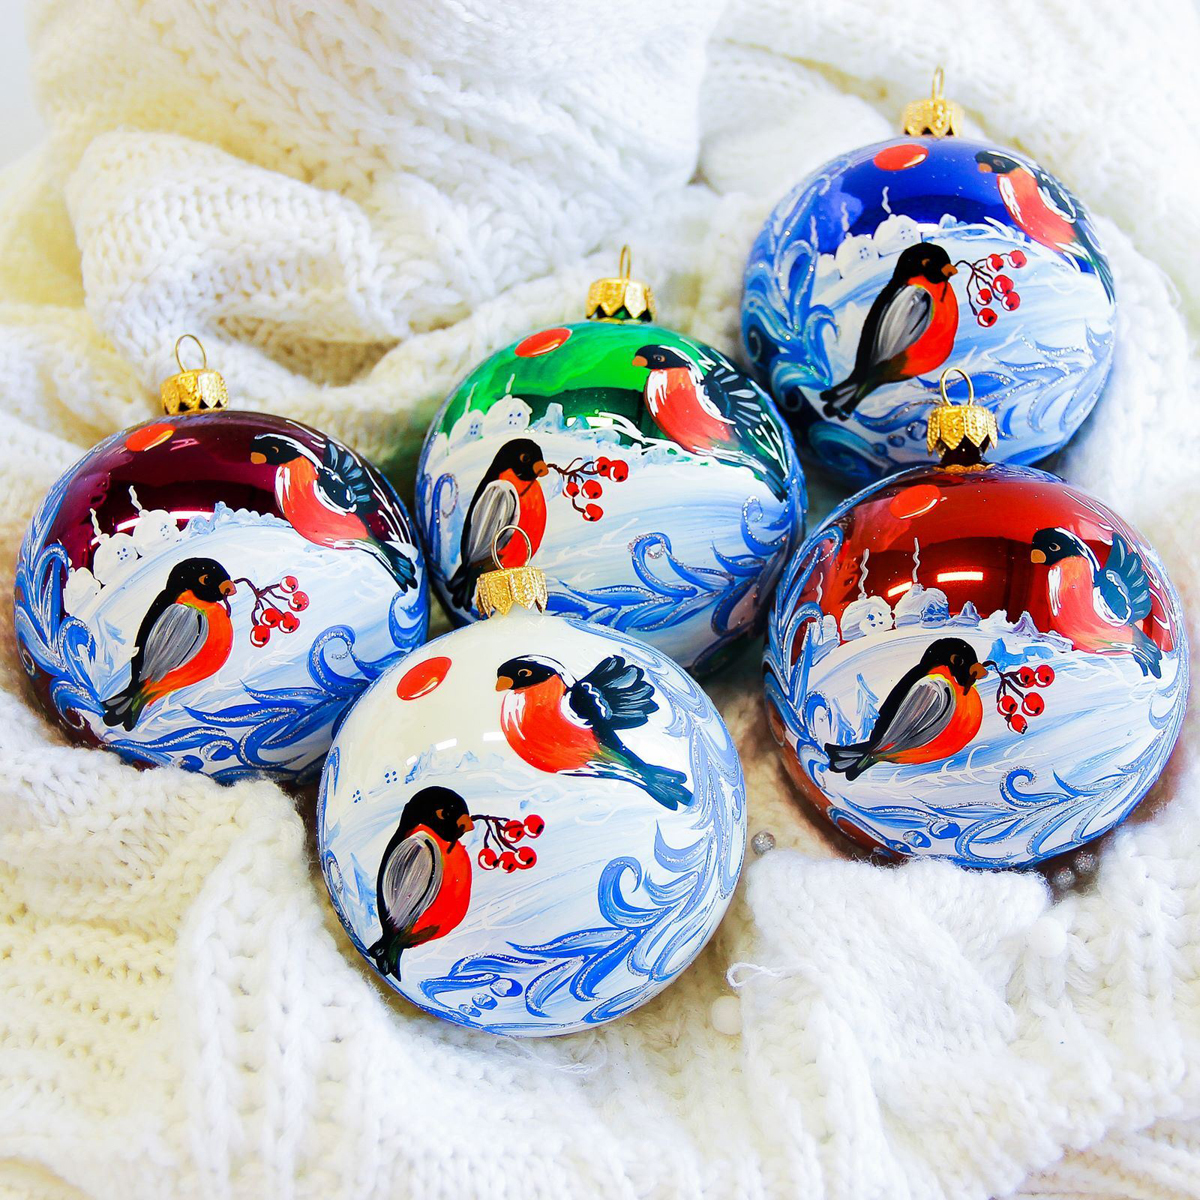 Украшение новогоднее елочное Иней Снегери неразлучники, диаметр 8,5 см2555479Новогоднее подвесное украшение Иней отлично подойдет для декорации вашего дома и новогодней ели. Новогоднее украшение можно повесить в любом понравившемся вам месте. Но, конечно, удачнее всего оно будет смотреться на праздничной елке.Елочная игрушка - символ Нового года. Она несет в себе волшебство и красоту праздника. Такое украшение создаст в вашем доме атмосферу праздника, веселья и радости.